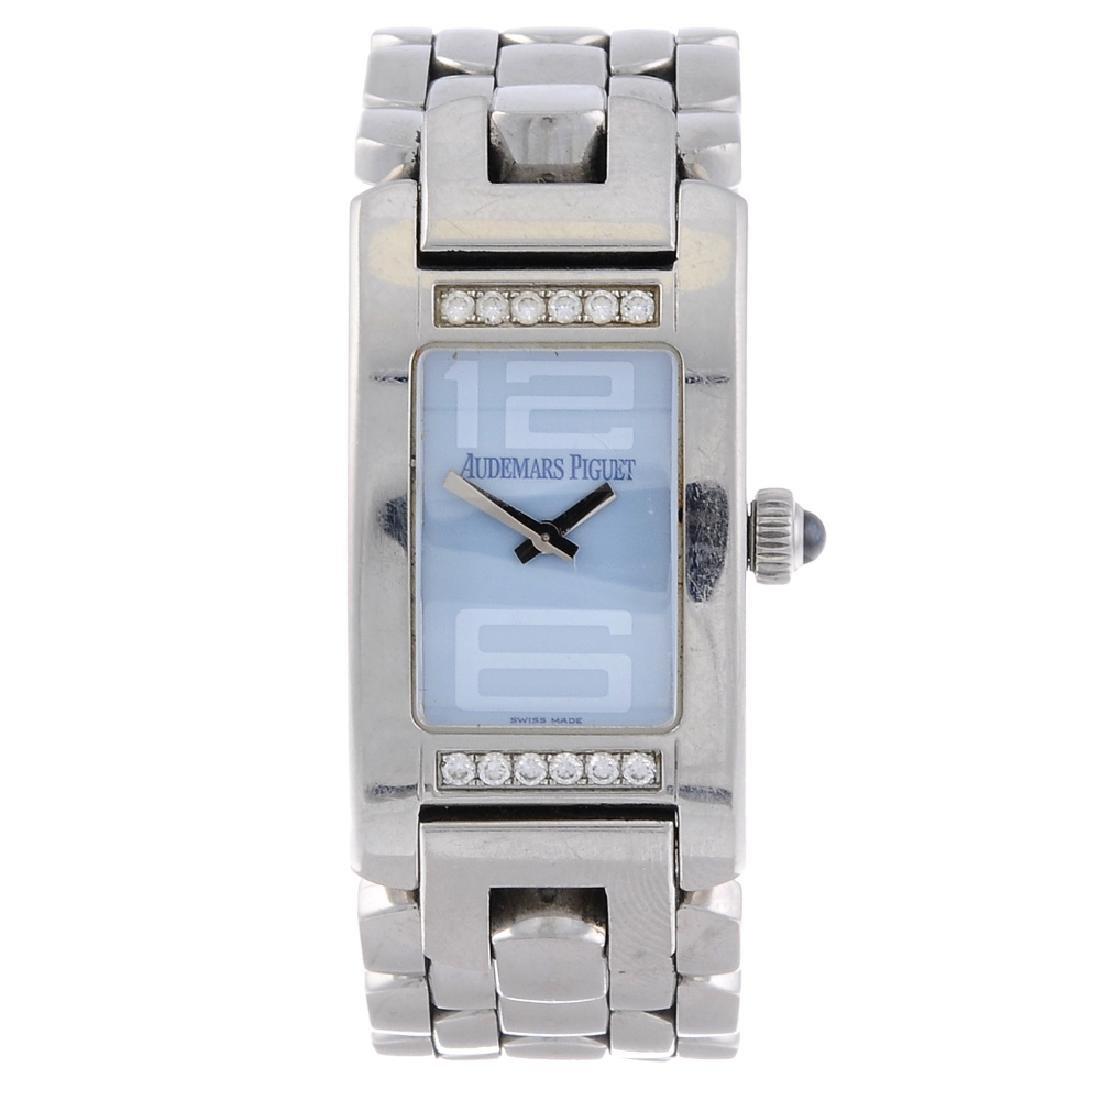 AUDEMARS PIGUET - a lady's Promesse bracelet watch.